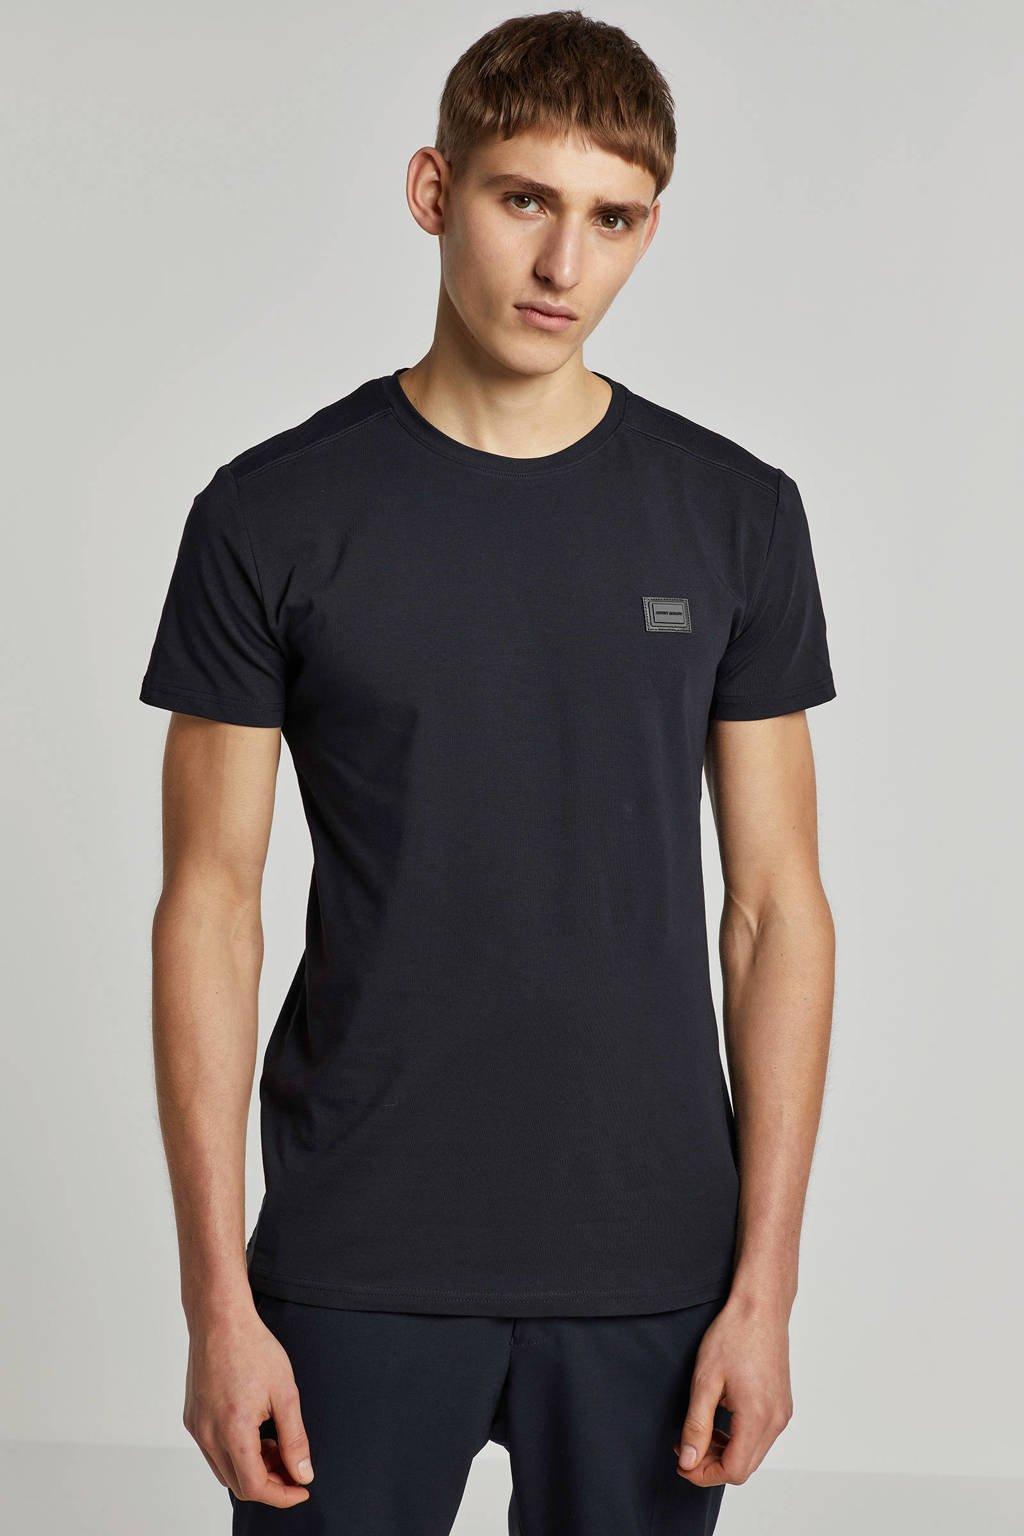 Antony Morato T-shirt met logo marine, Marine